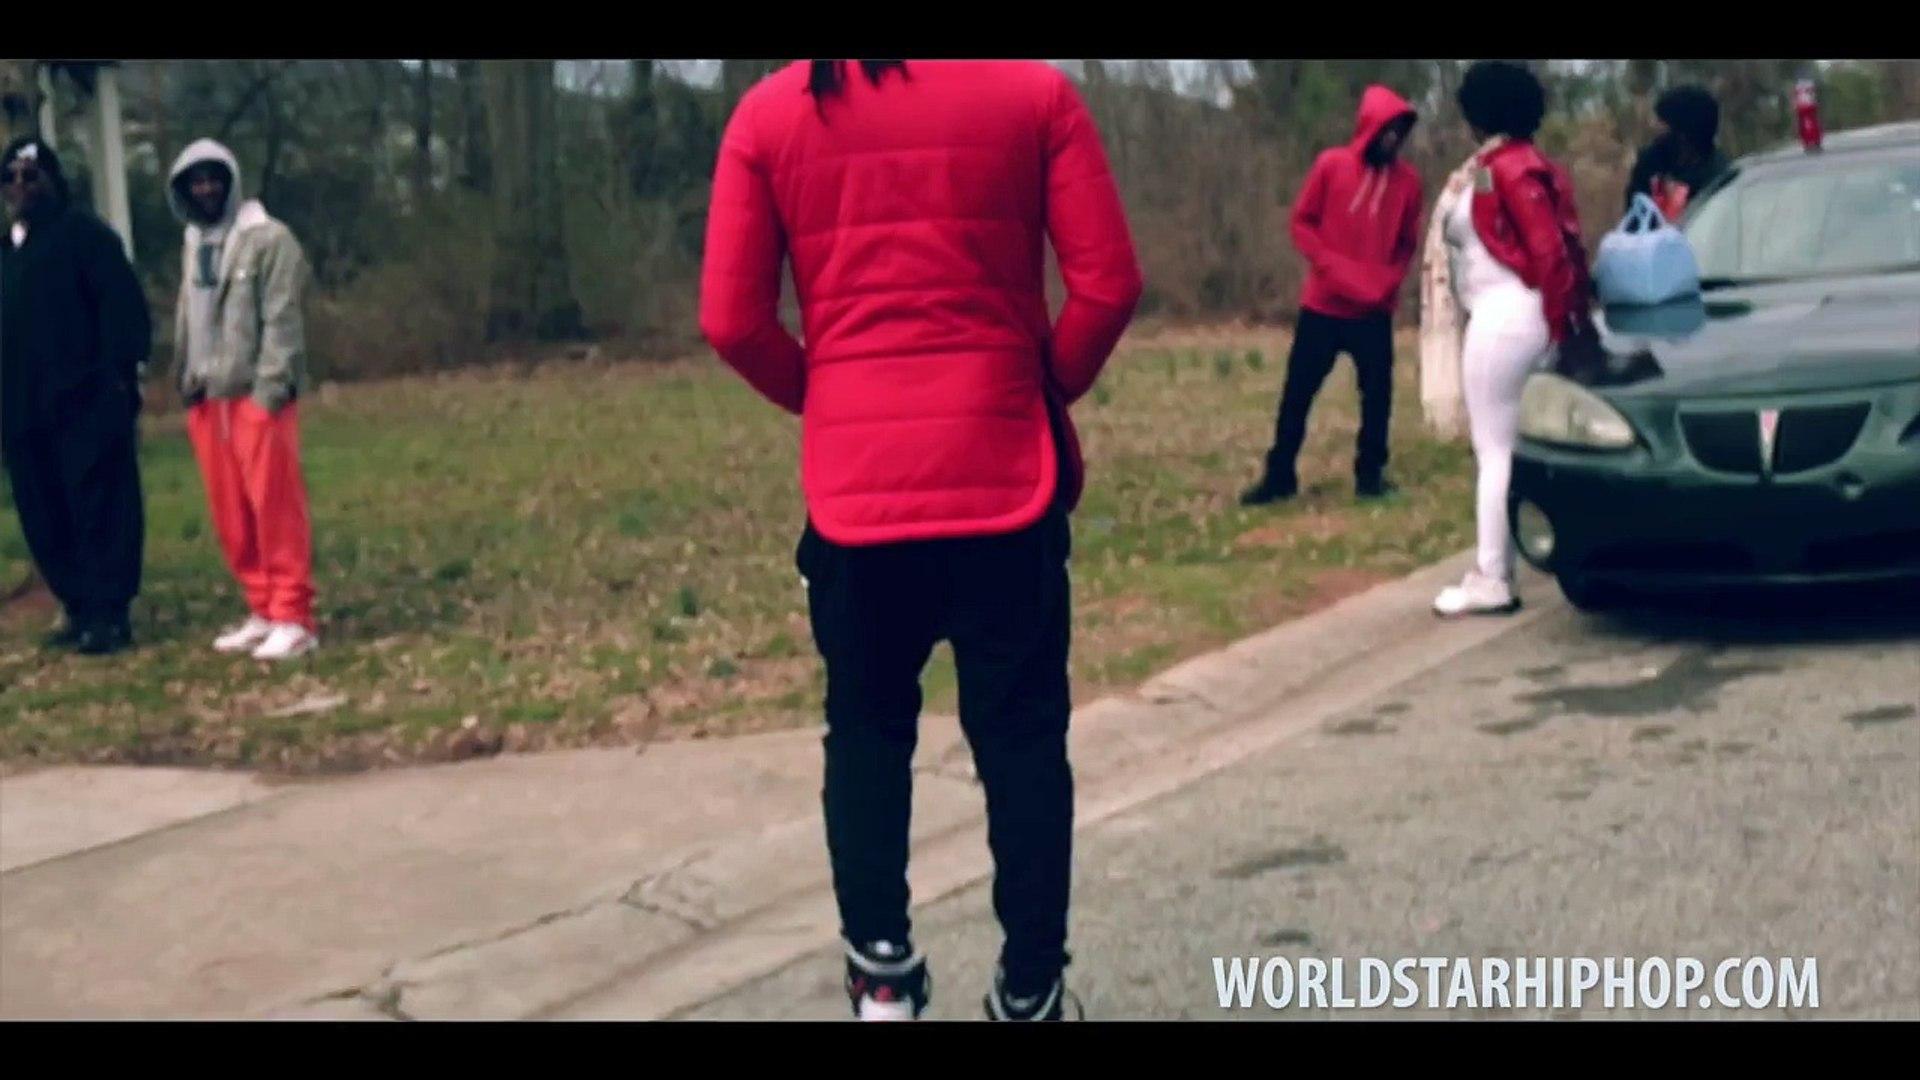 Young Scooter – -Radar- - Watch Hip Hop Music Videos & New Rap Videos